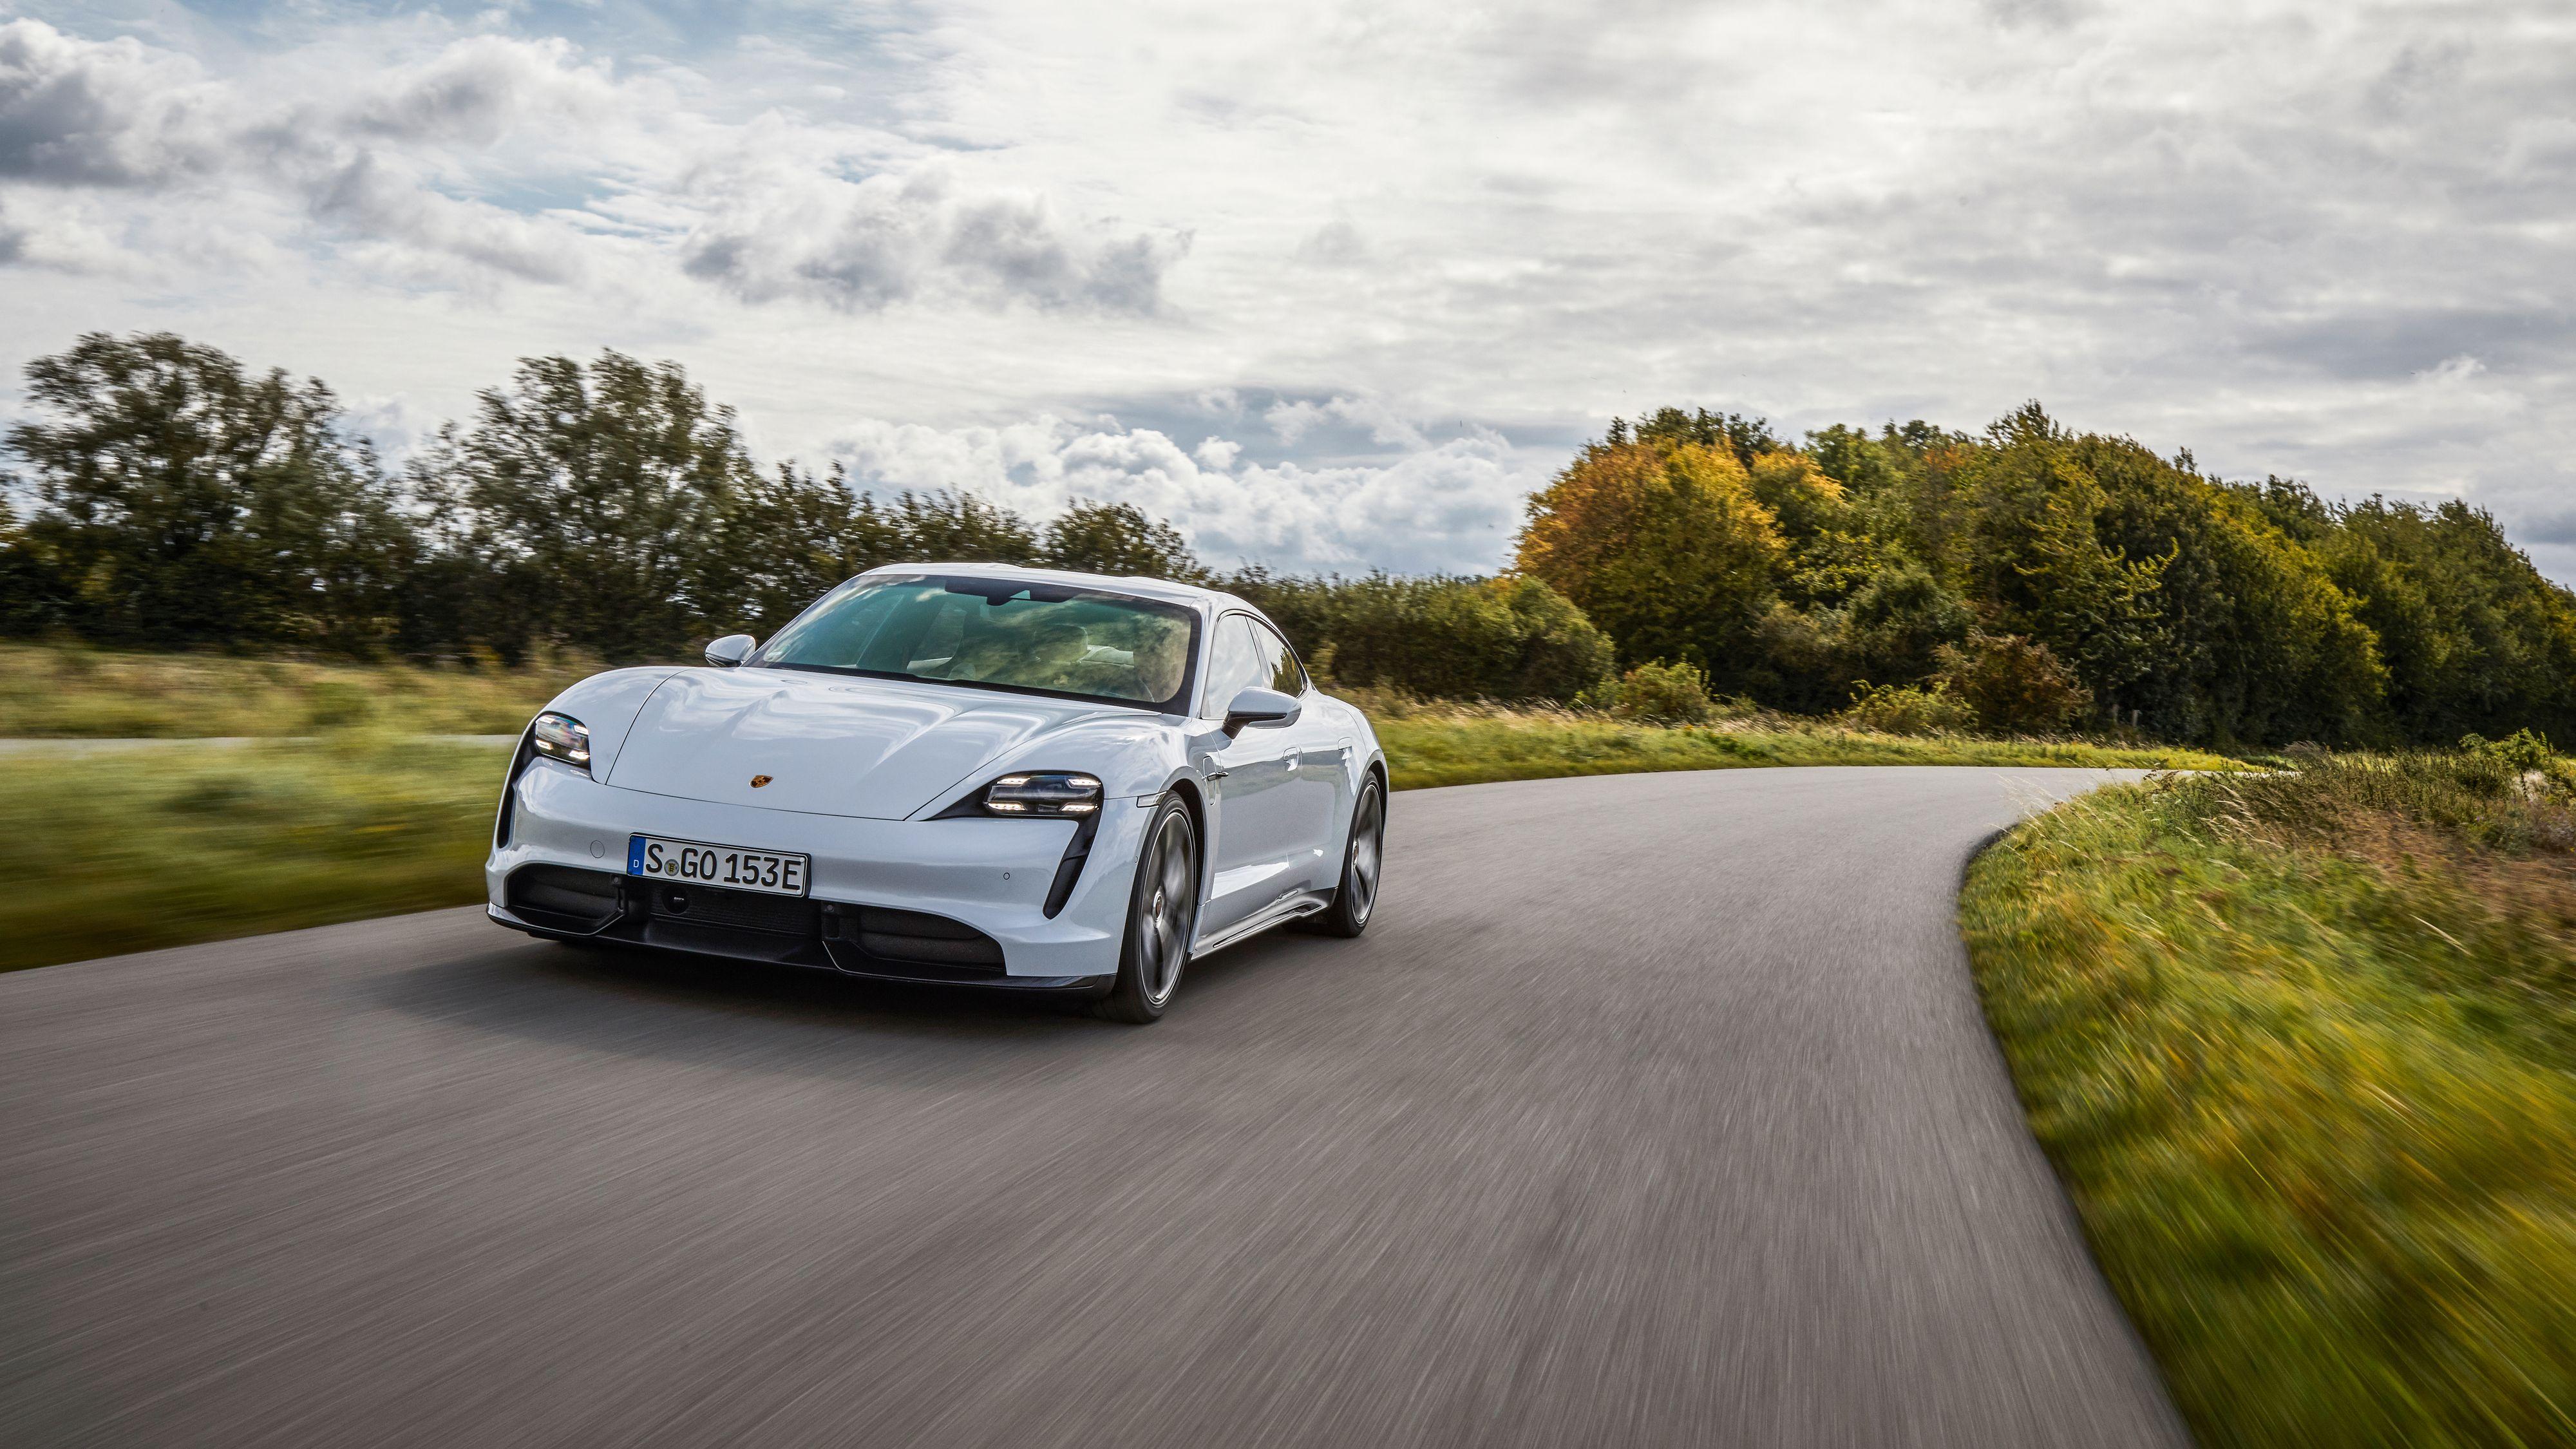 Porsche Taycan er svært moro å kjøre, men også komfortabel om du heller vil fokusere på det.